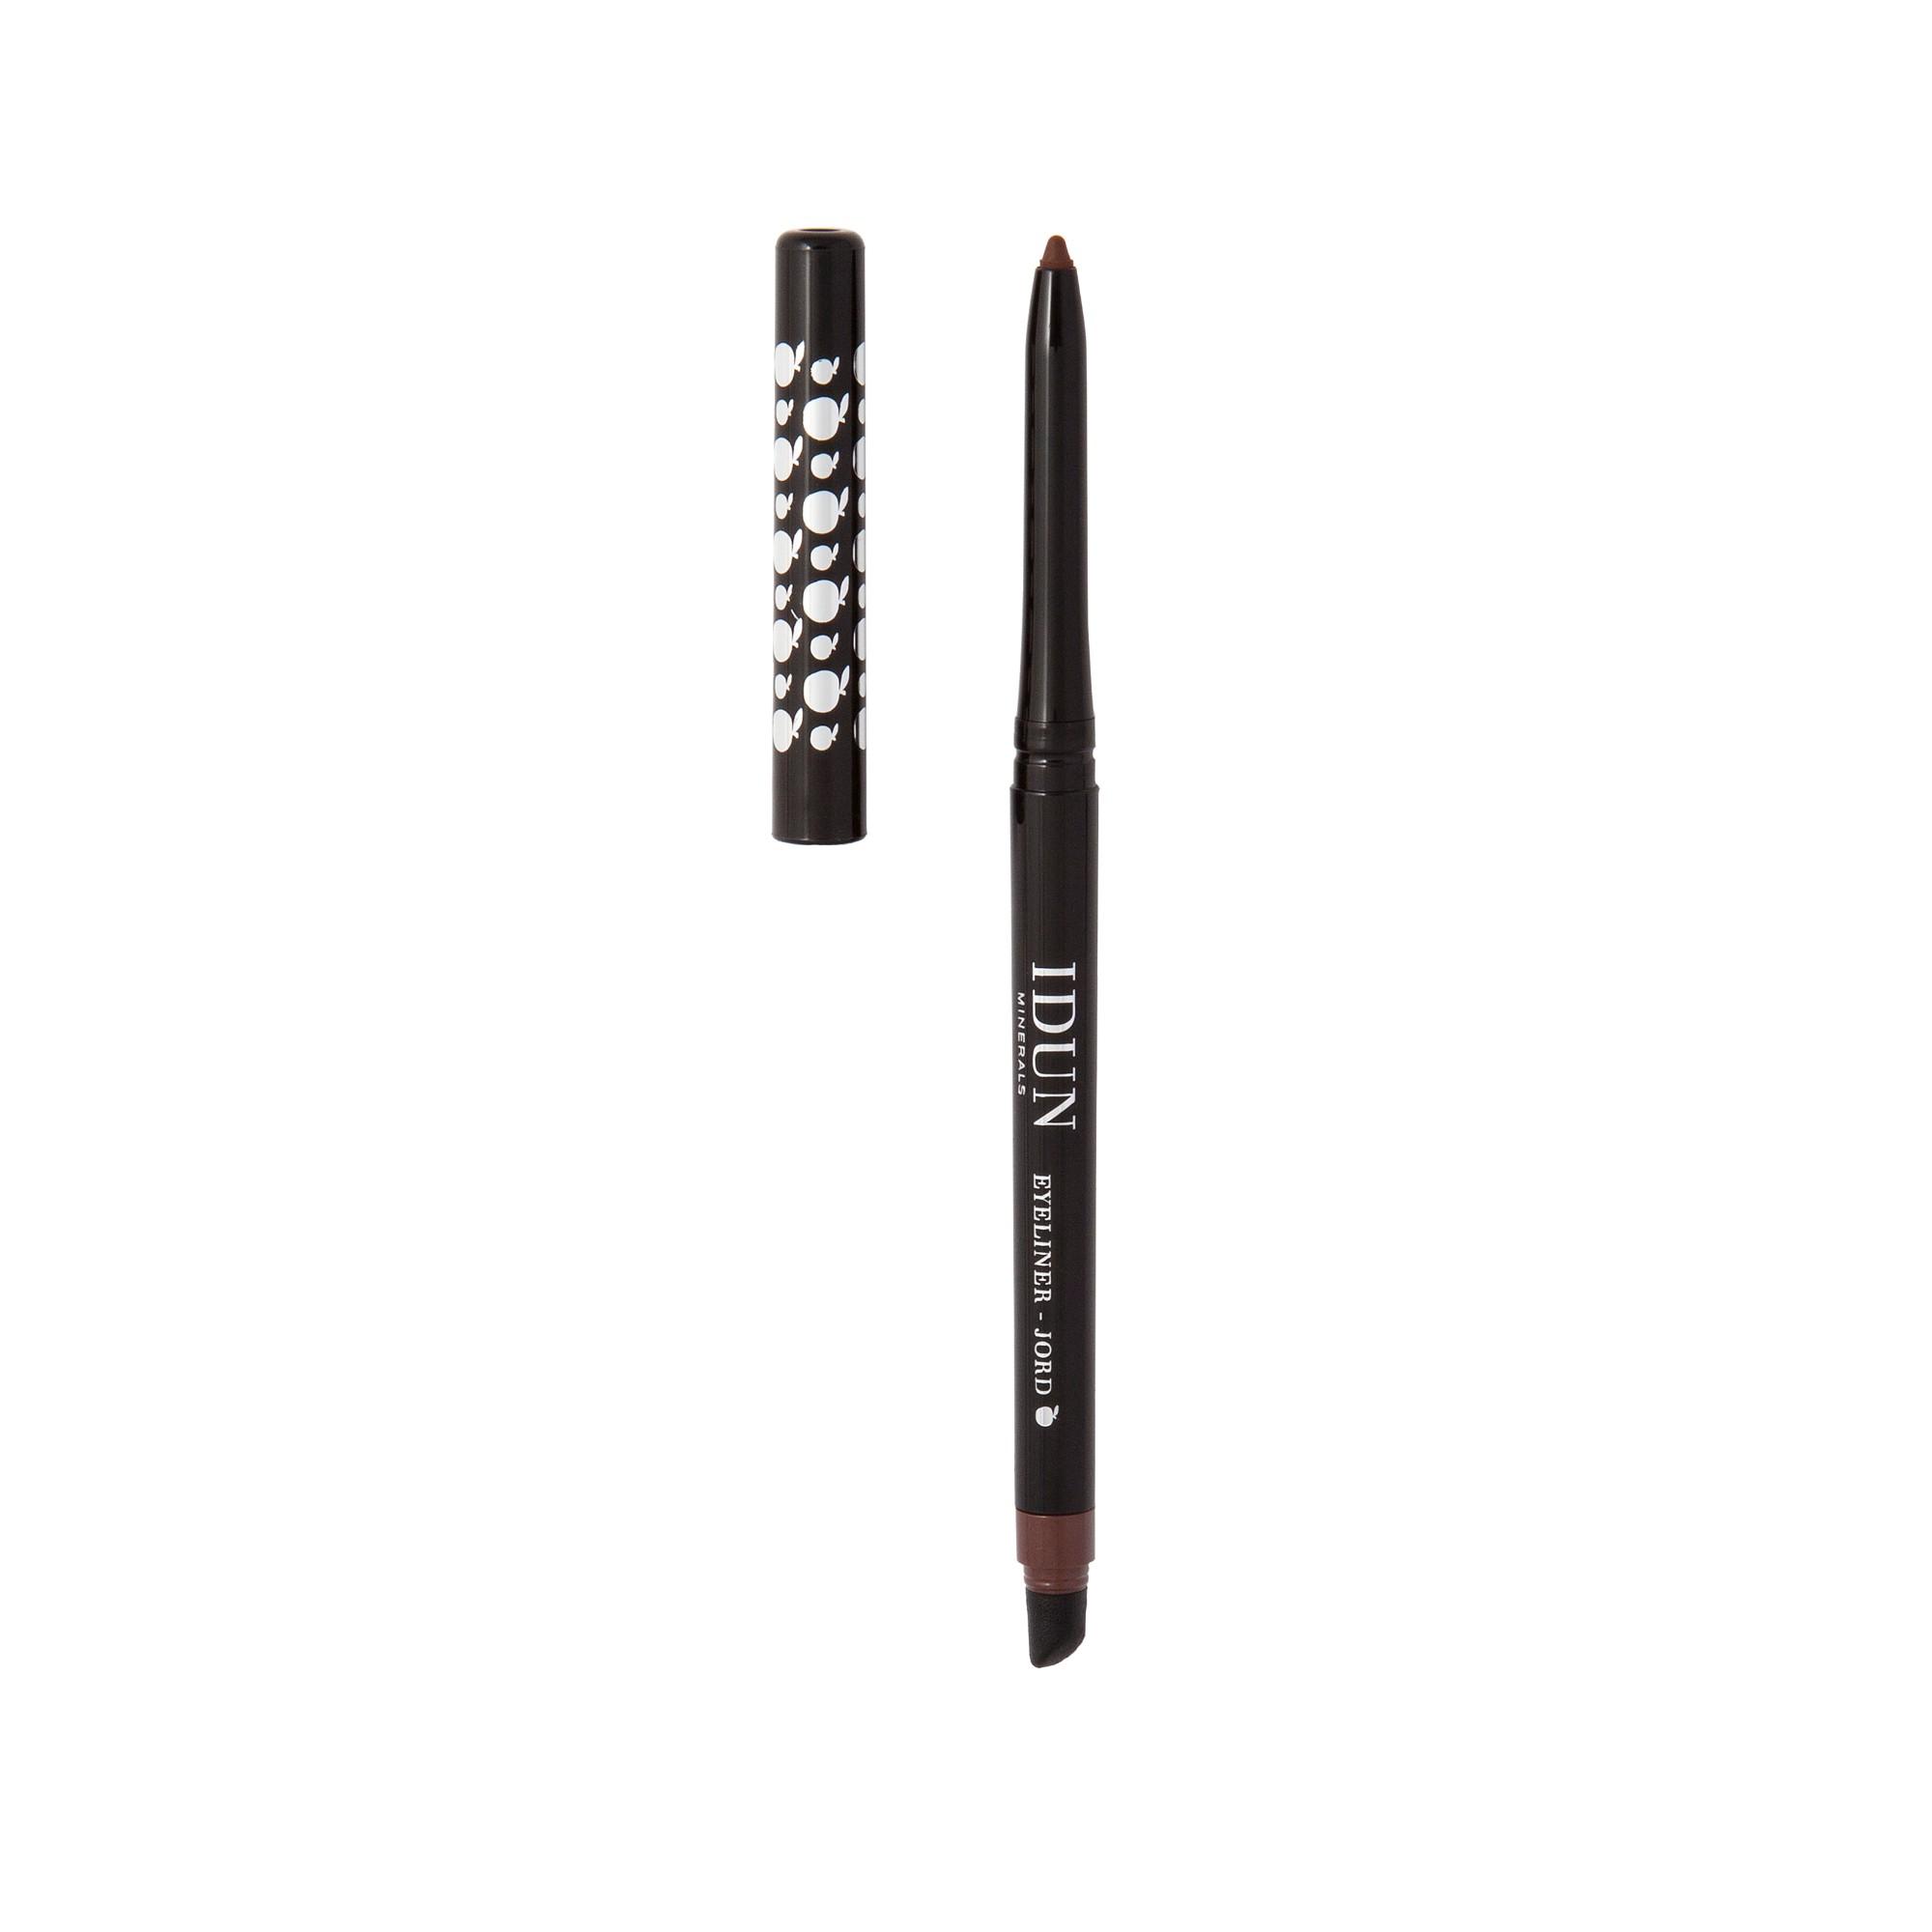 Išsukamas akių pieštukas, rudos spalvos IDUN MINERALS Jord, 0,35 g